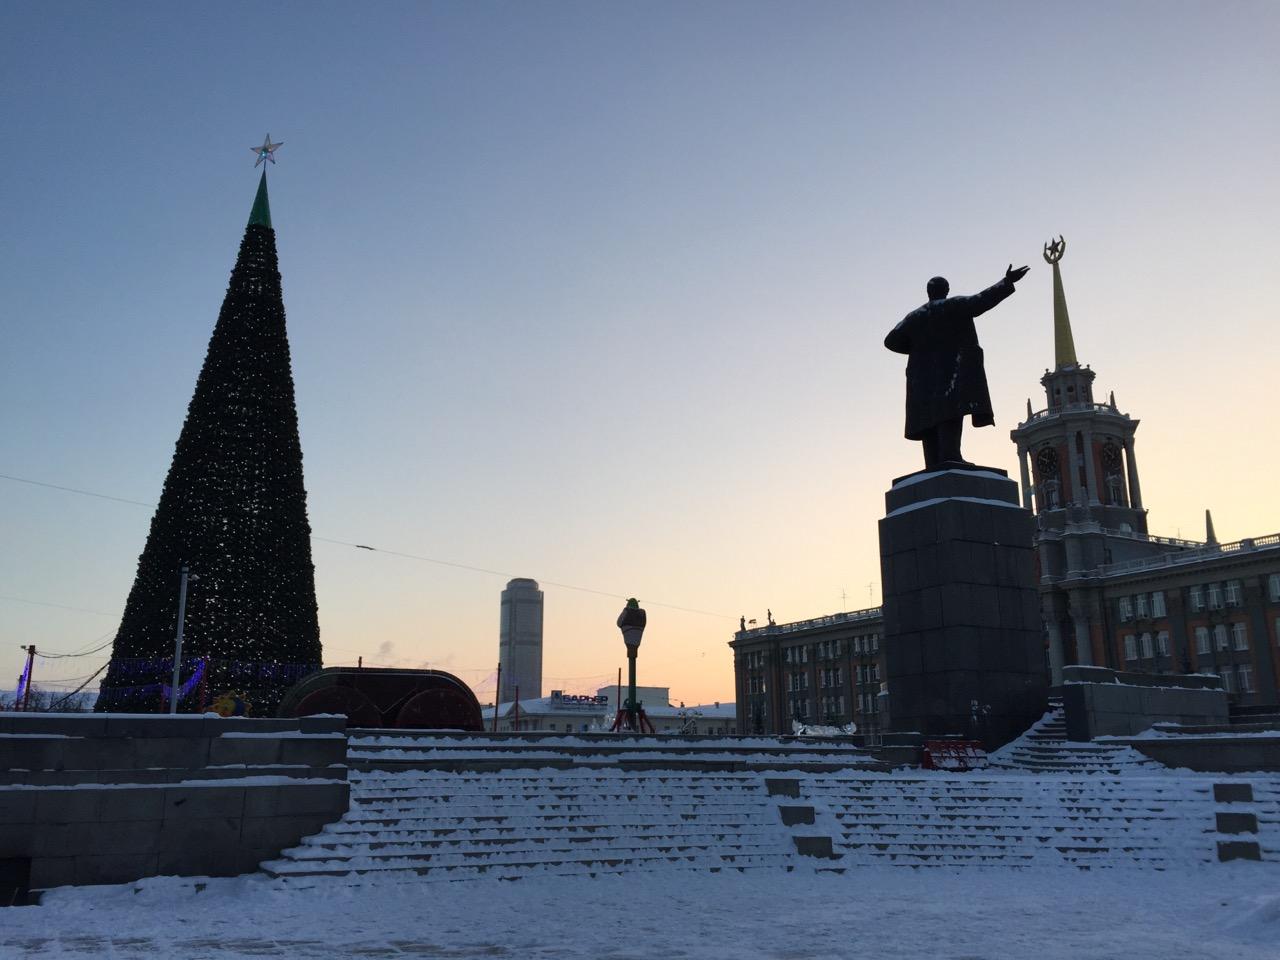 Новогодний, морозный, пустой. Утром 1 января на улицу вышли только дети, дворники и трамваи